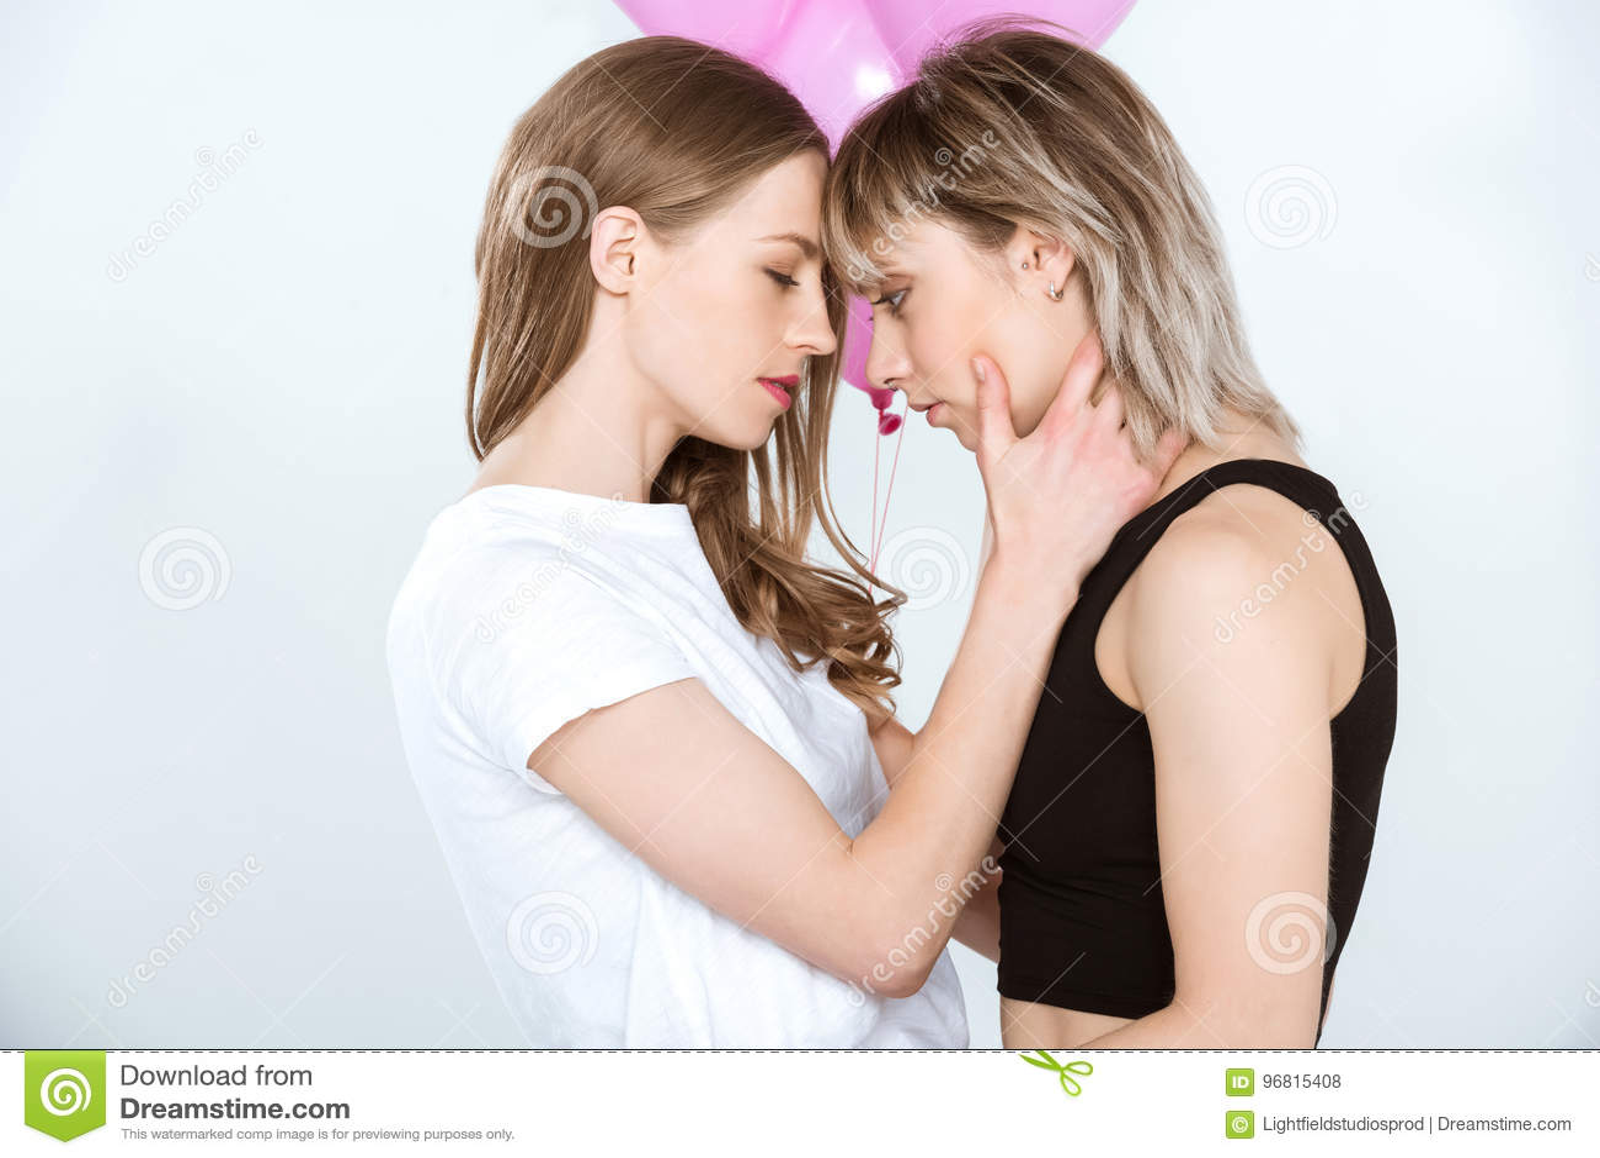 gratuit lesbienne Hub grosse queue minet vidéo